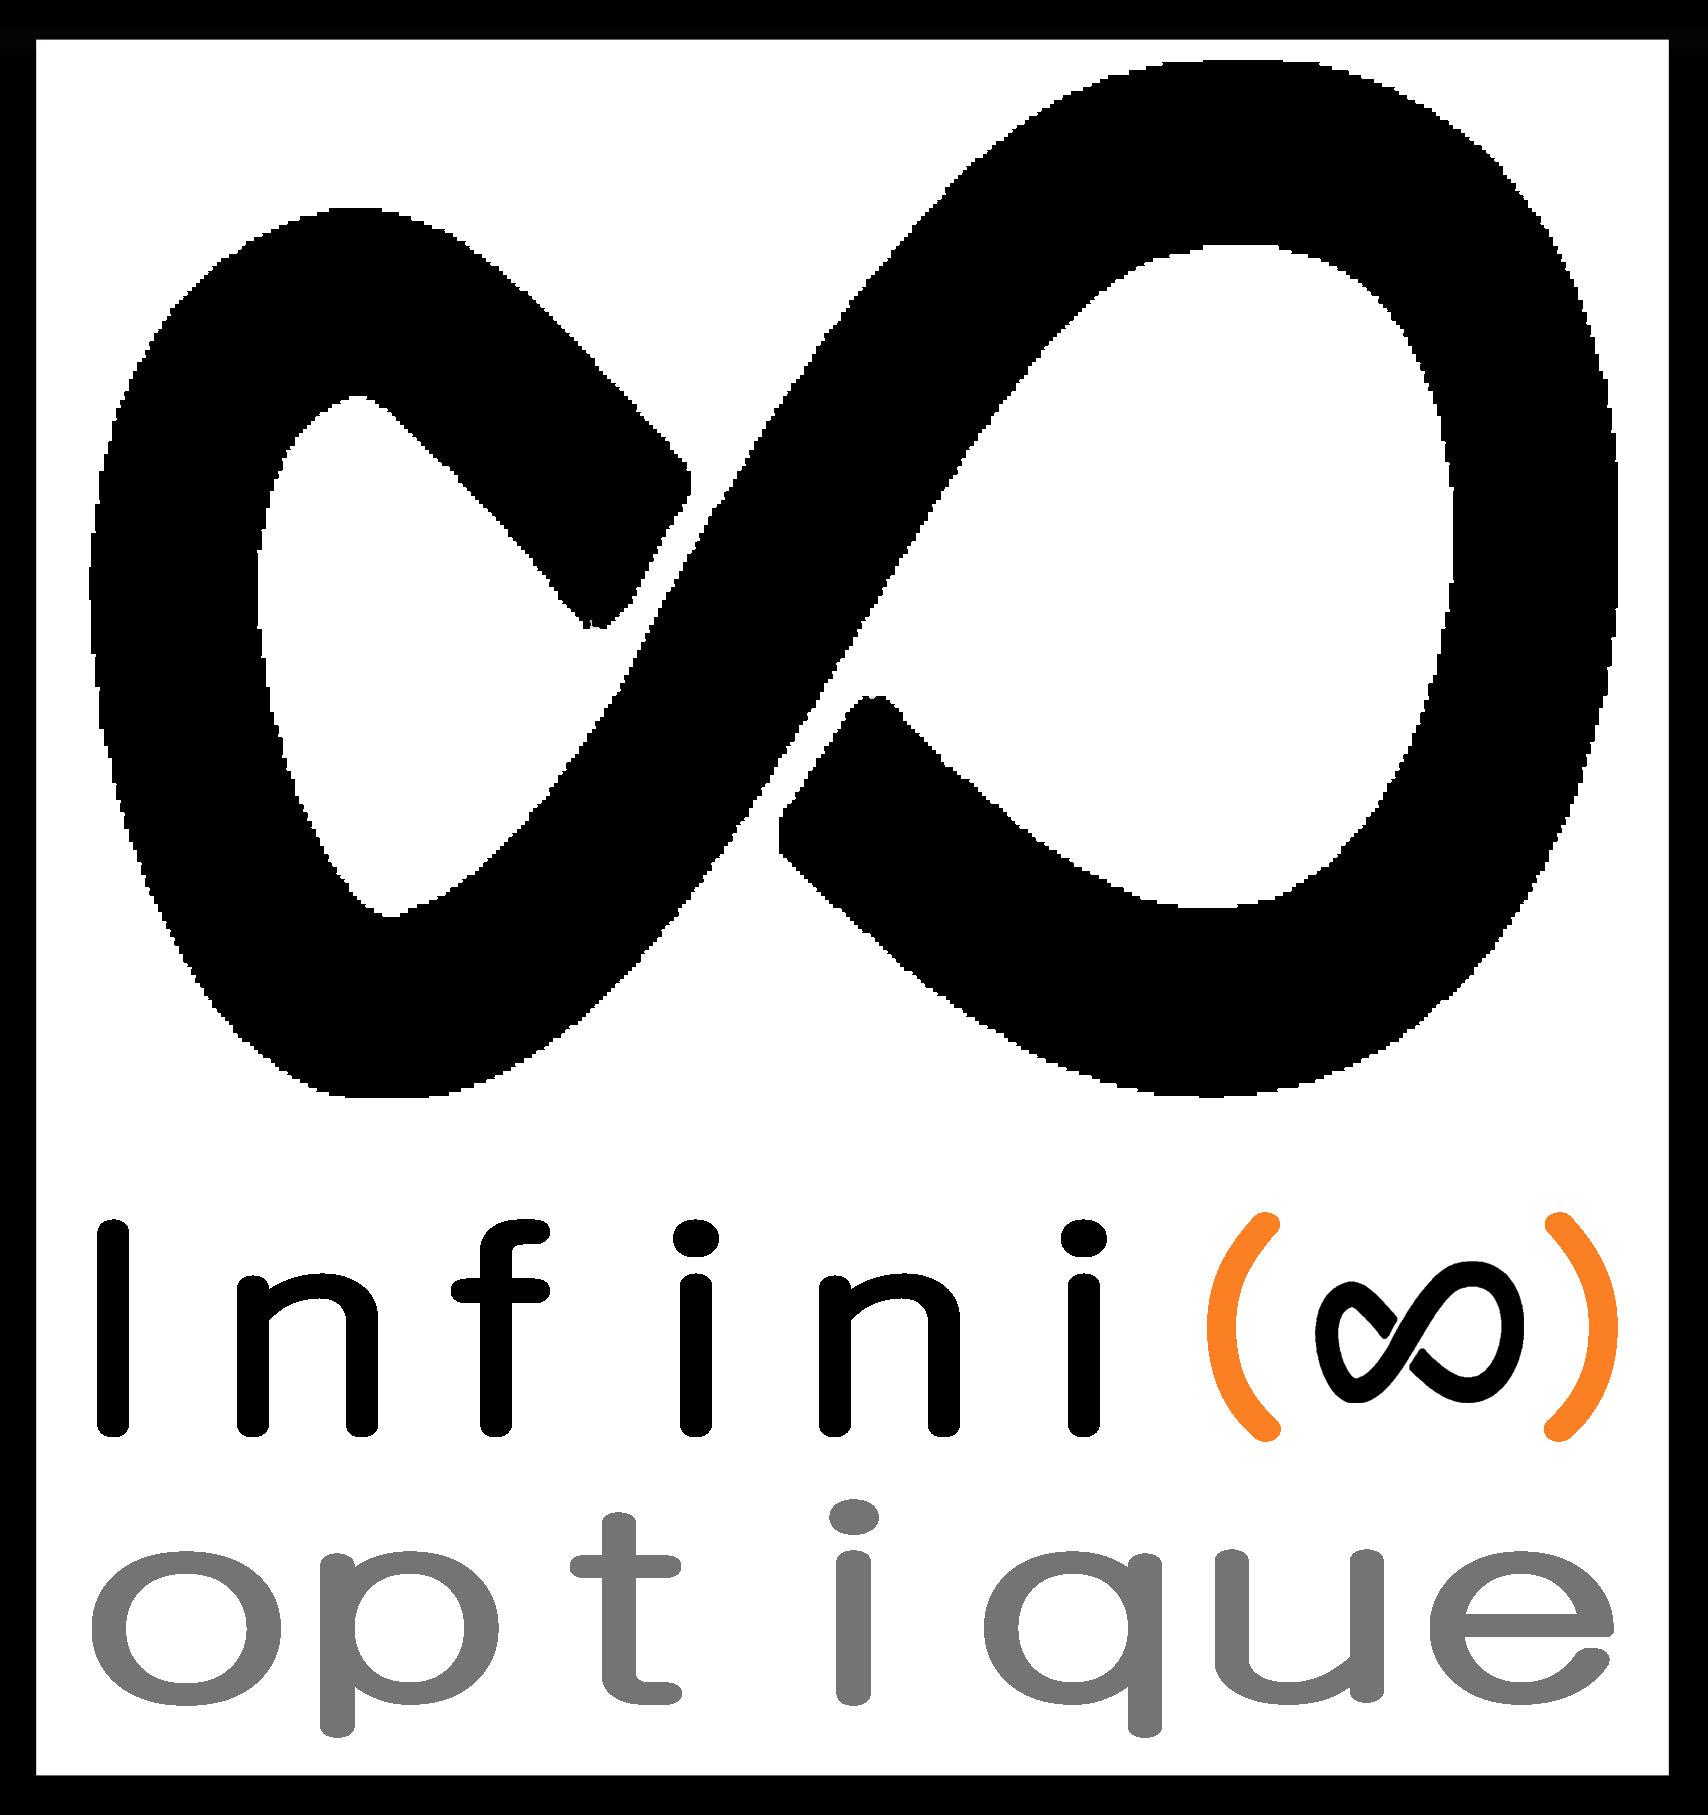 Infini (L) Optique